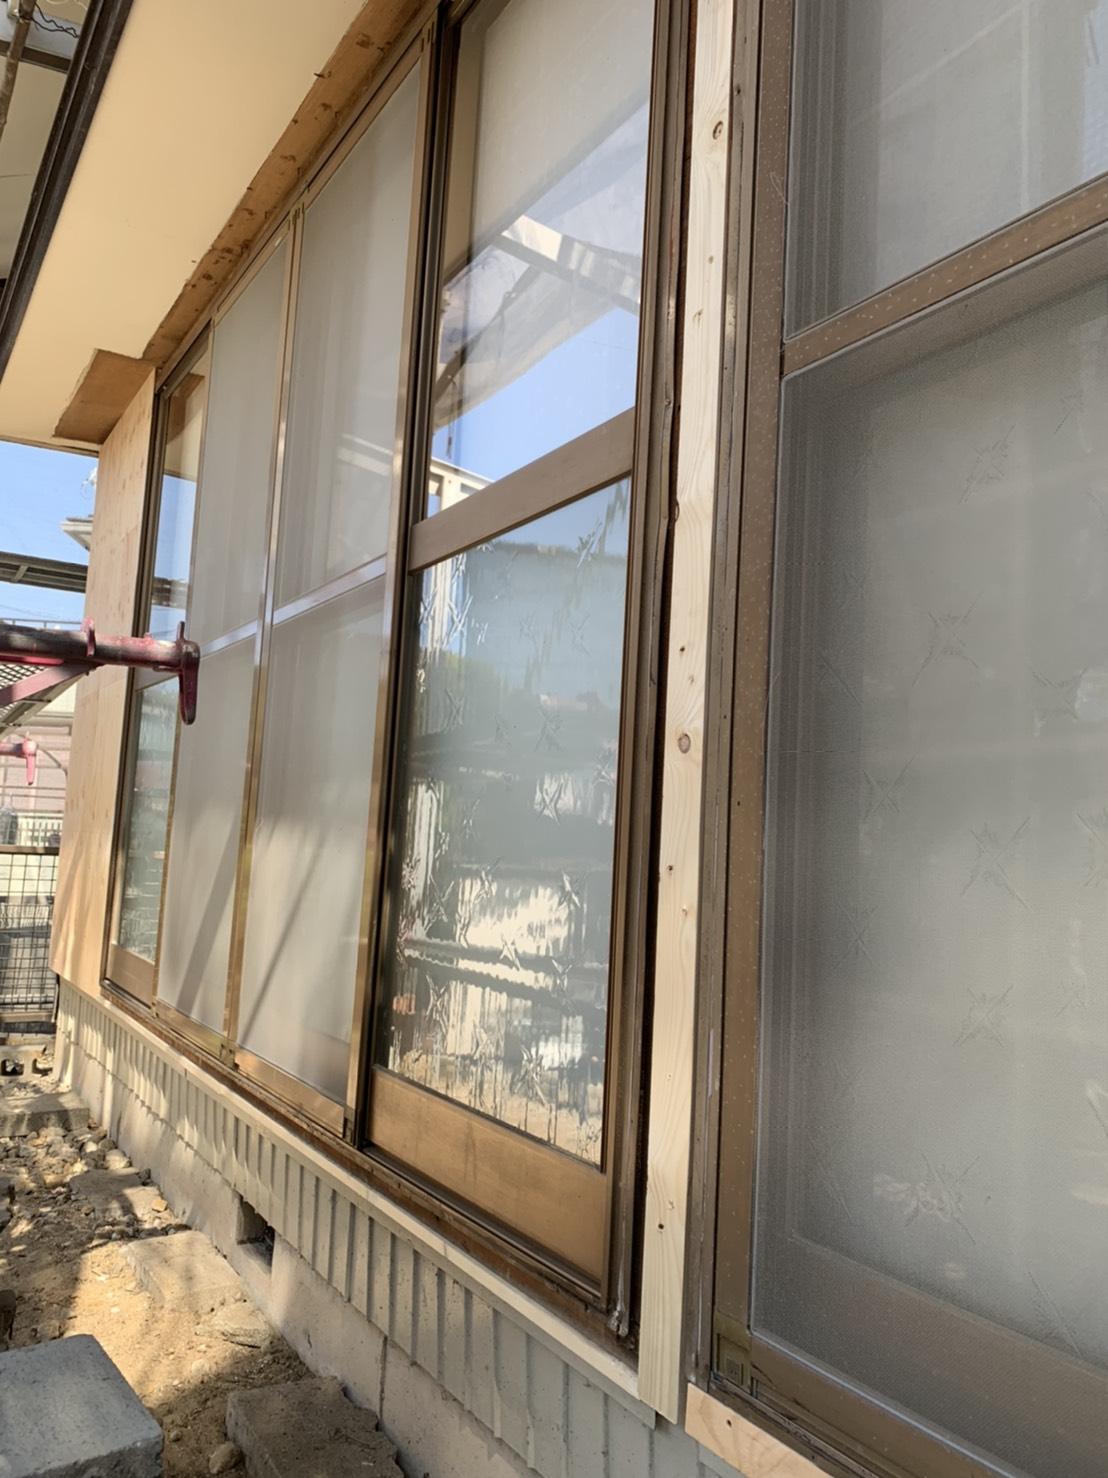 愛知県豊明市 LIXILサッシ工事店 一筋雨戸 2020/04/10